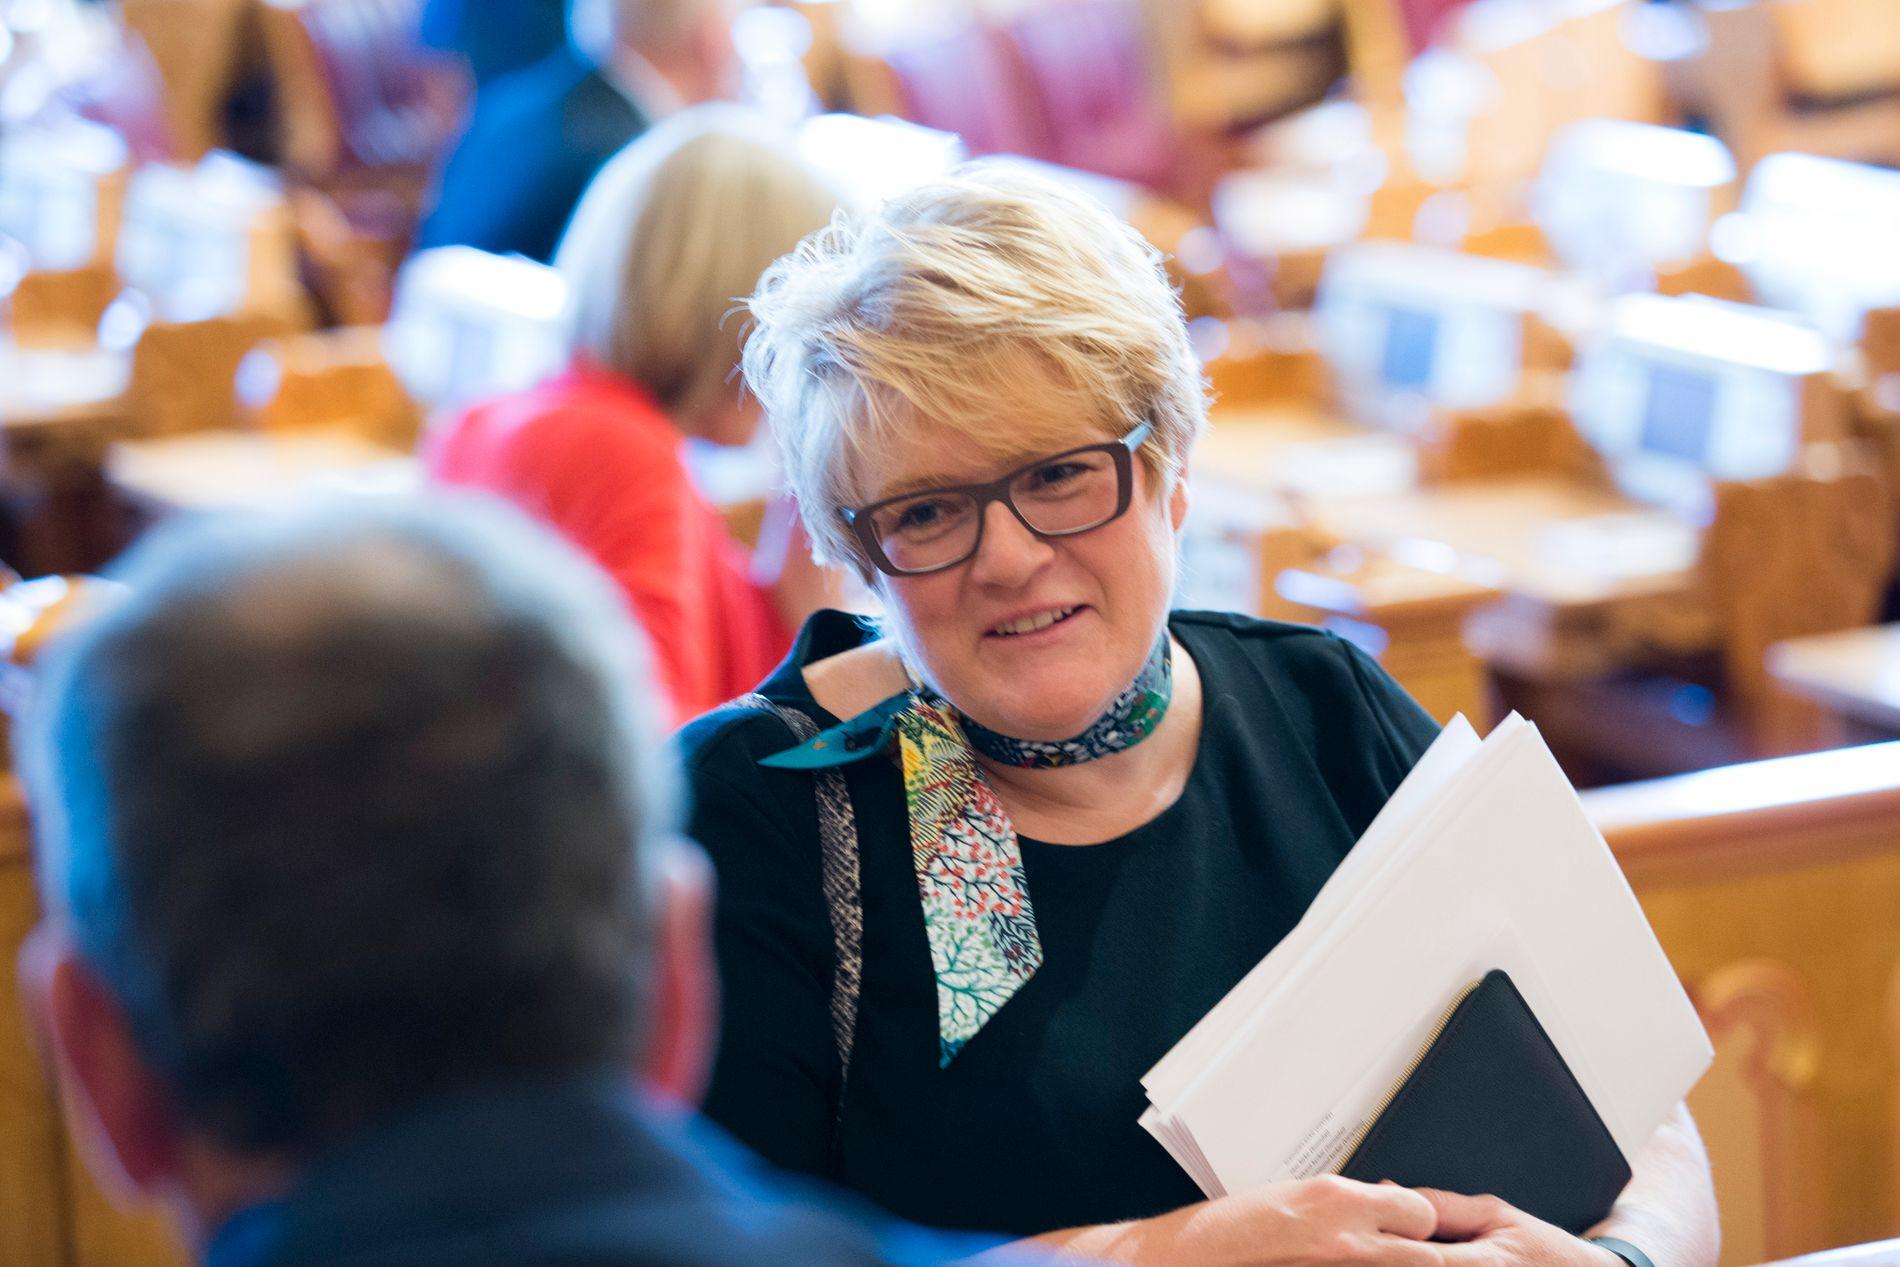 IKKE OVERRASKET: Venstre-leder Trine Skei Grande sier hun dessverre ikke er overrasket over VGs avsløringer.